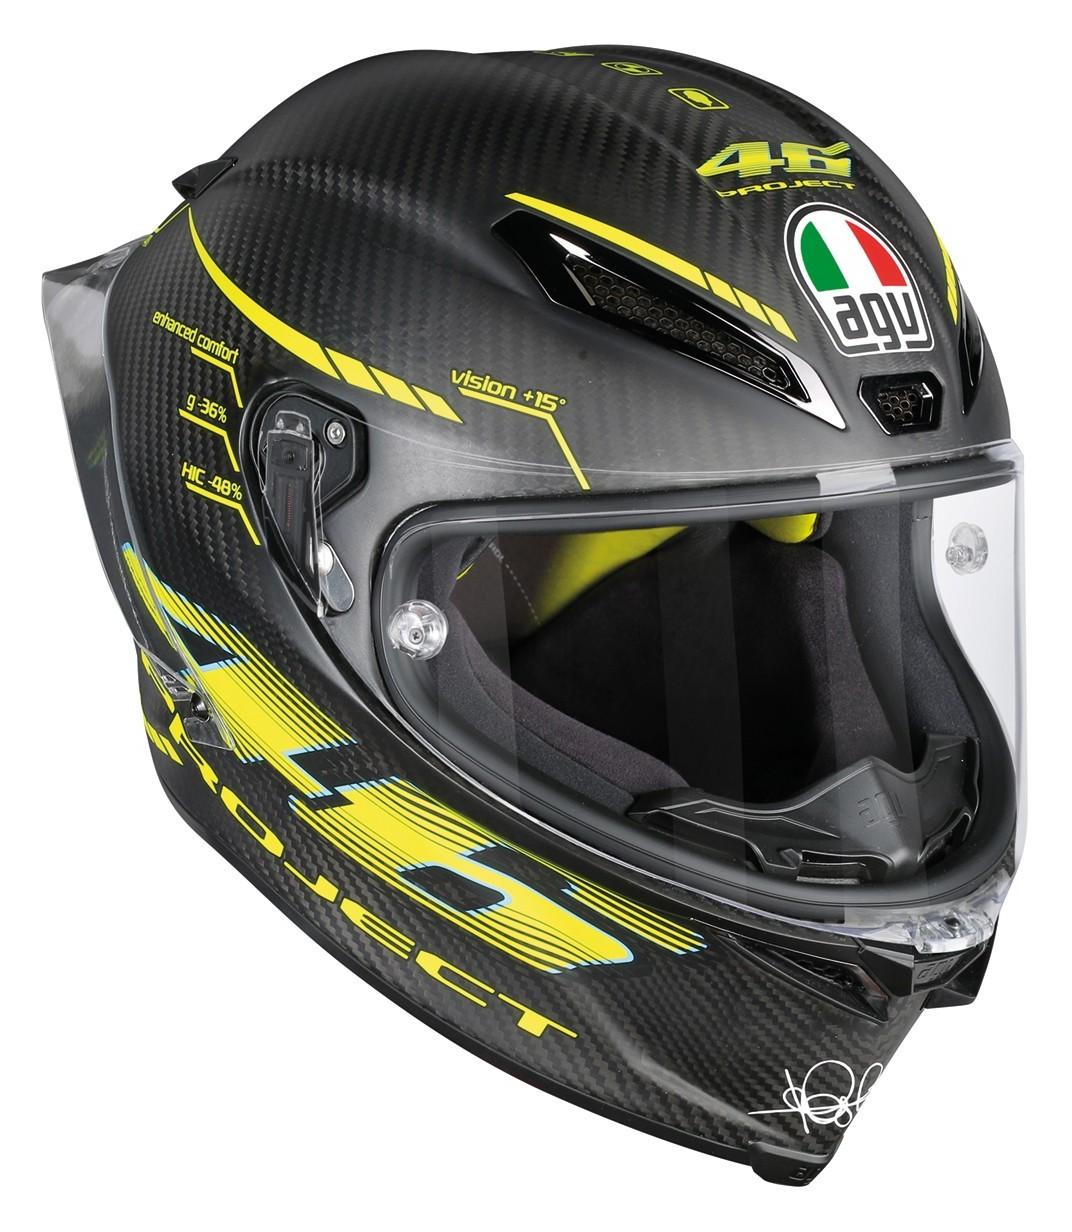 Hasil gambar untuk agv helm